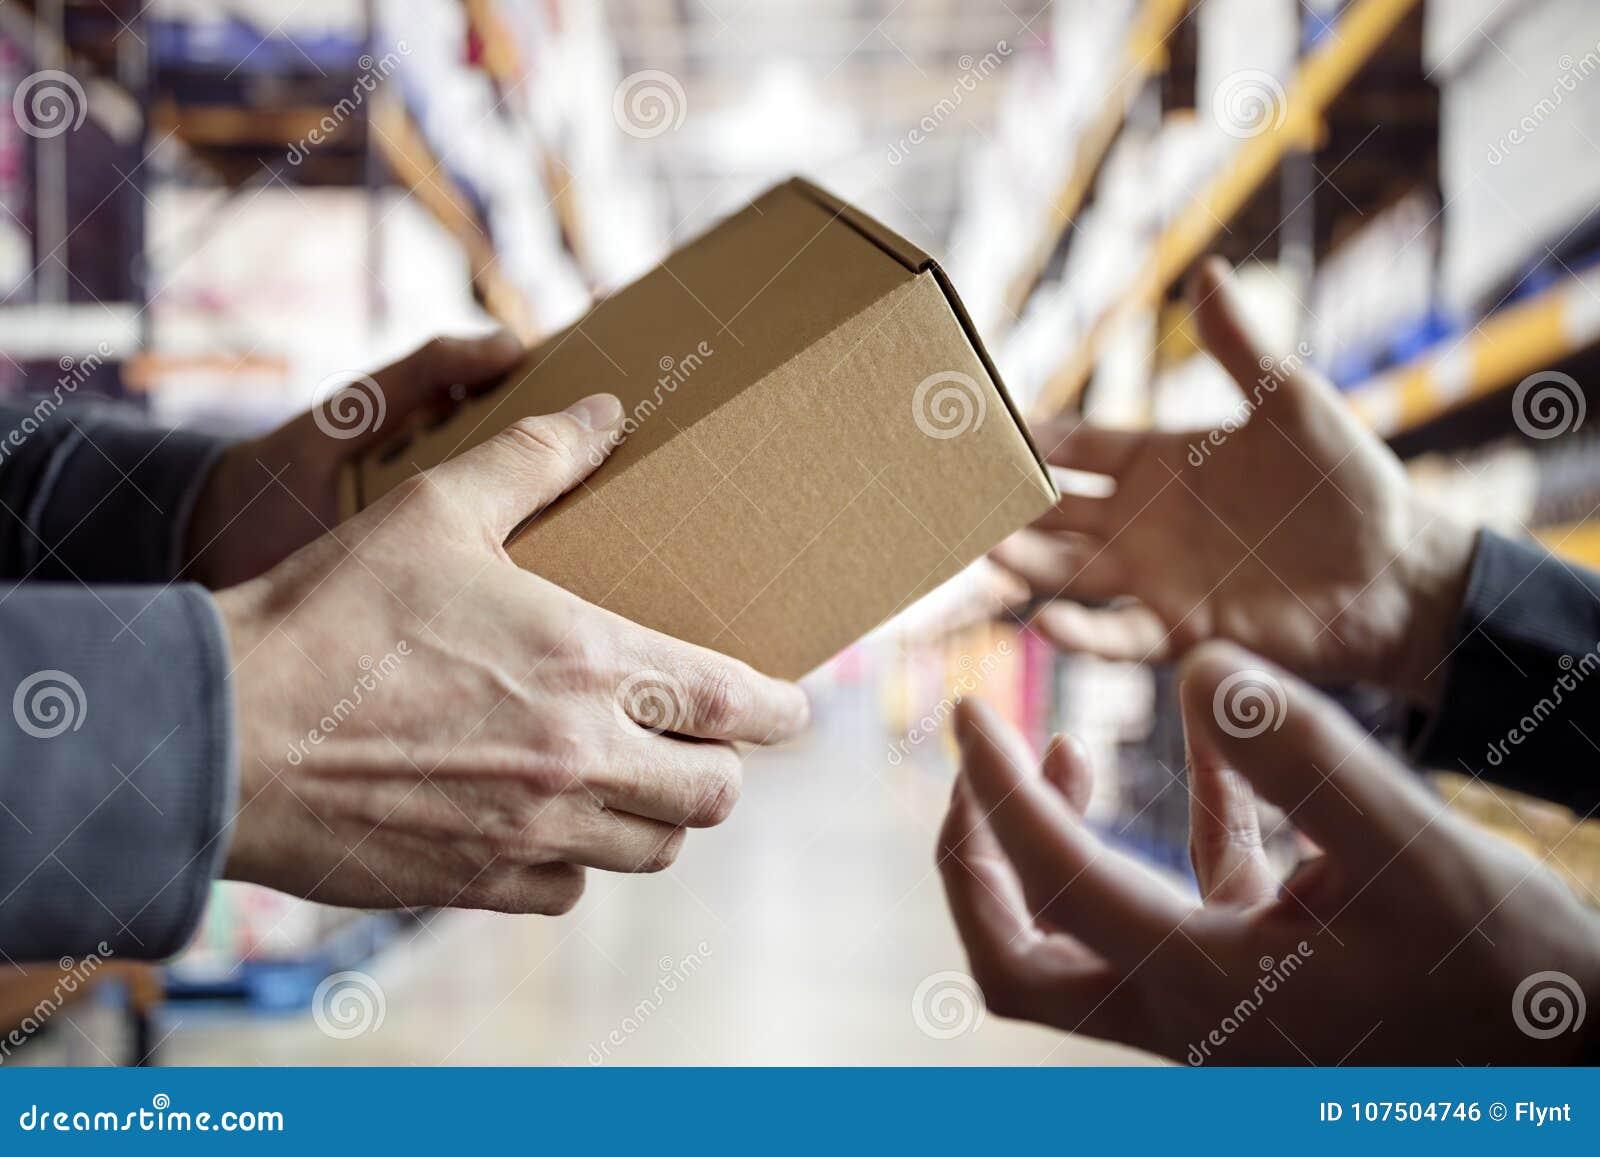 Lavoratore con il pacchetto in un magazzino di distribuzione